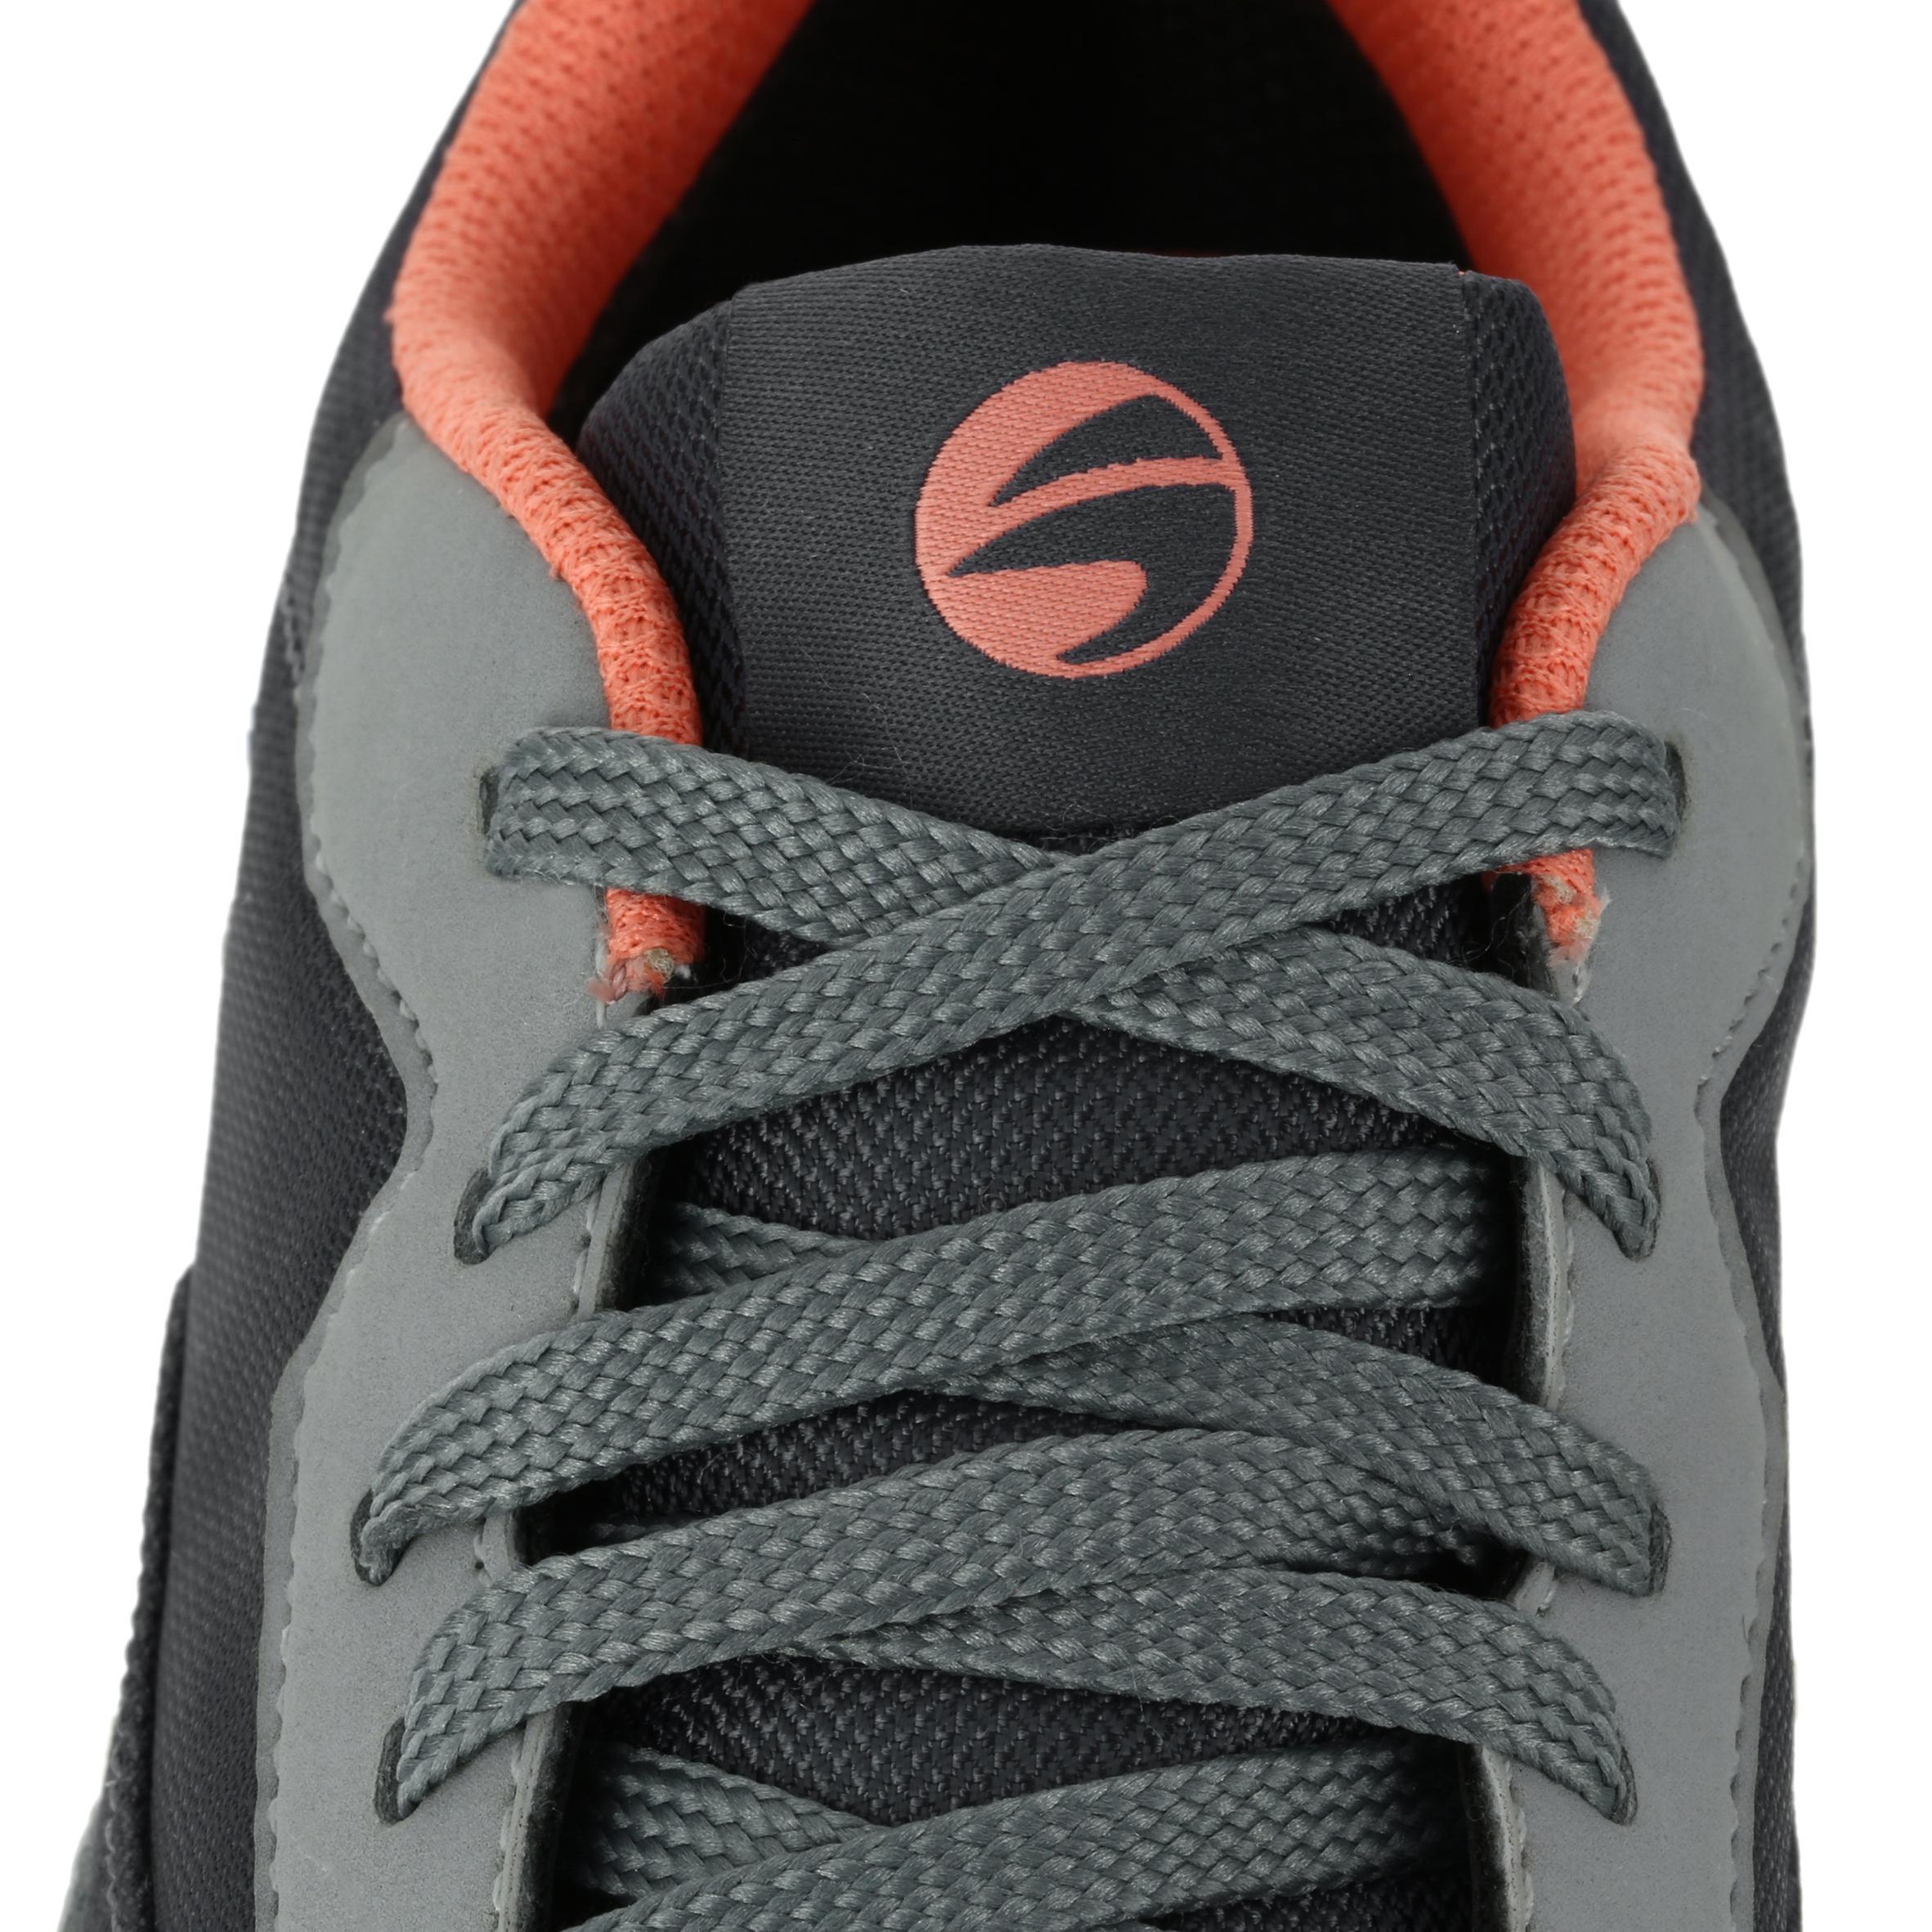 Spikeless 500 Women's Golf Shoes - Grey